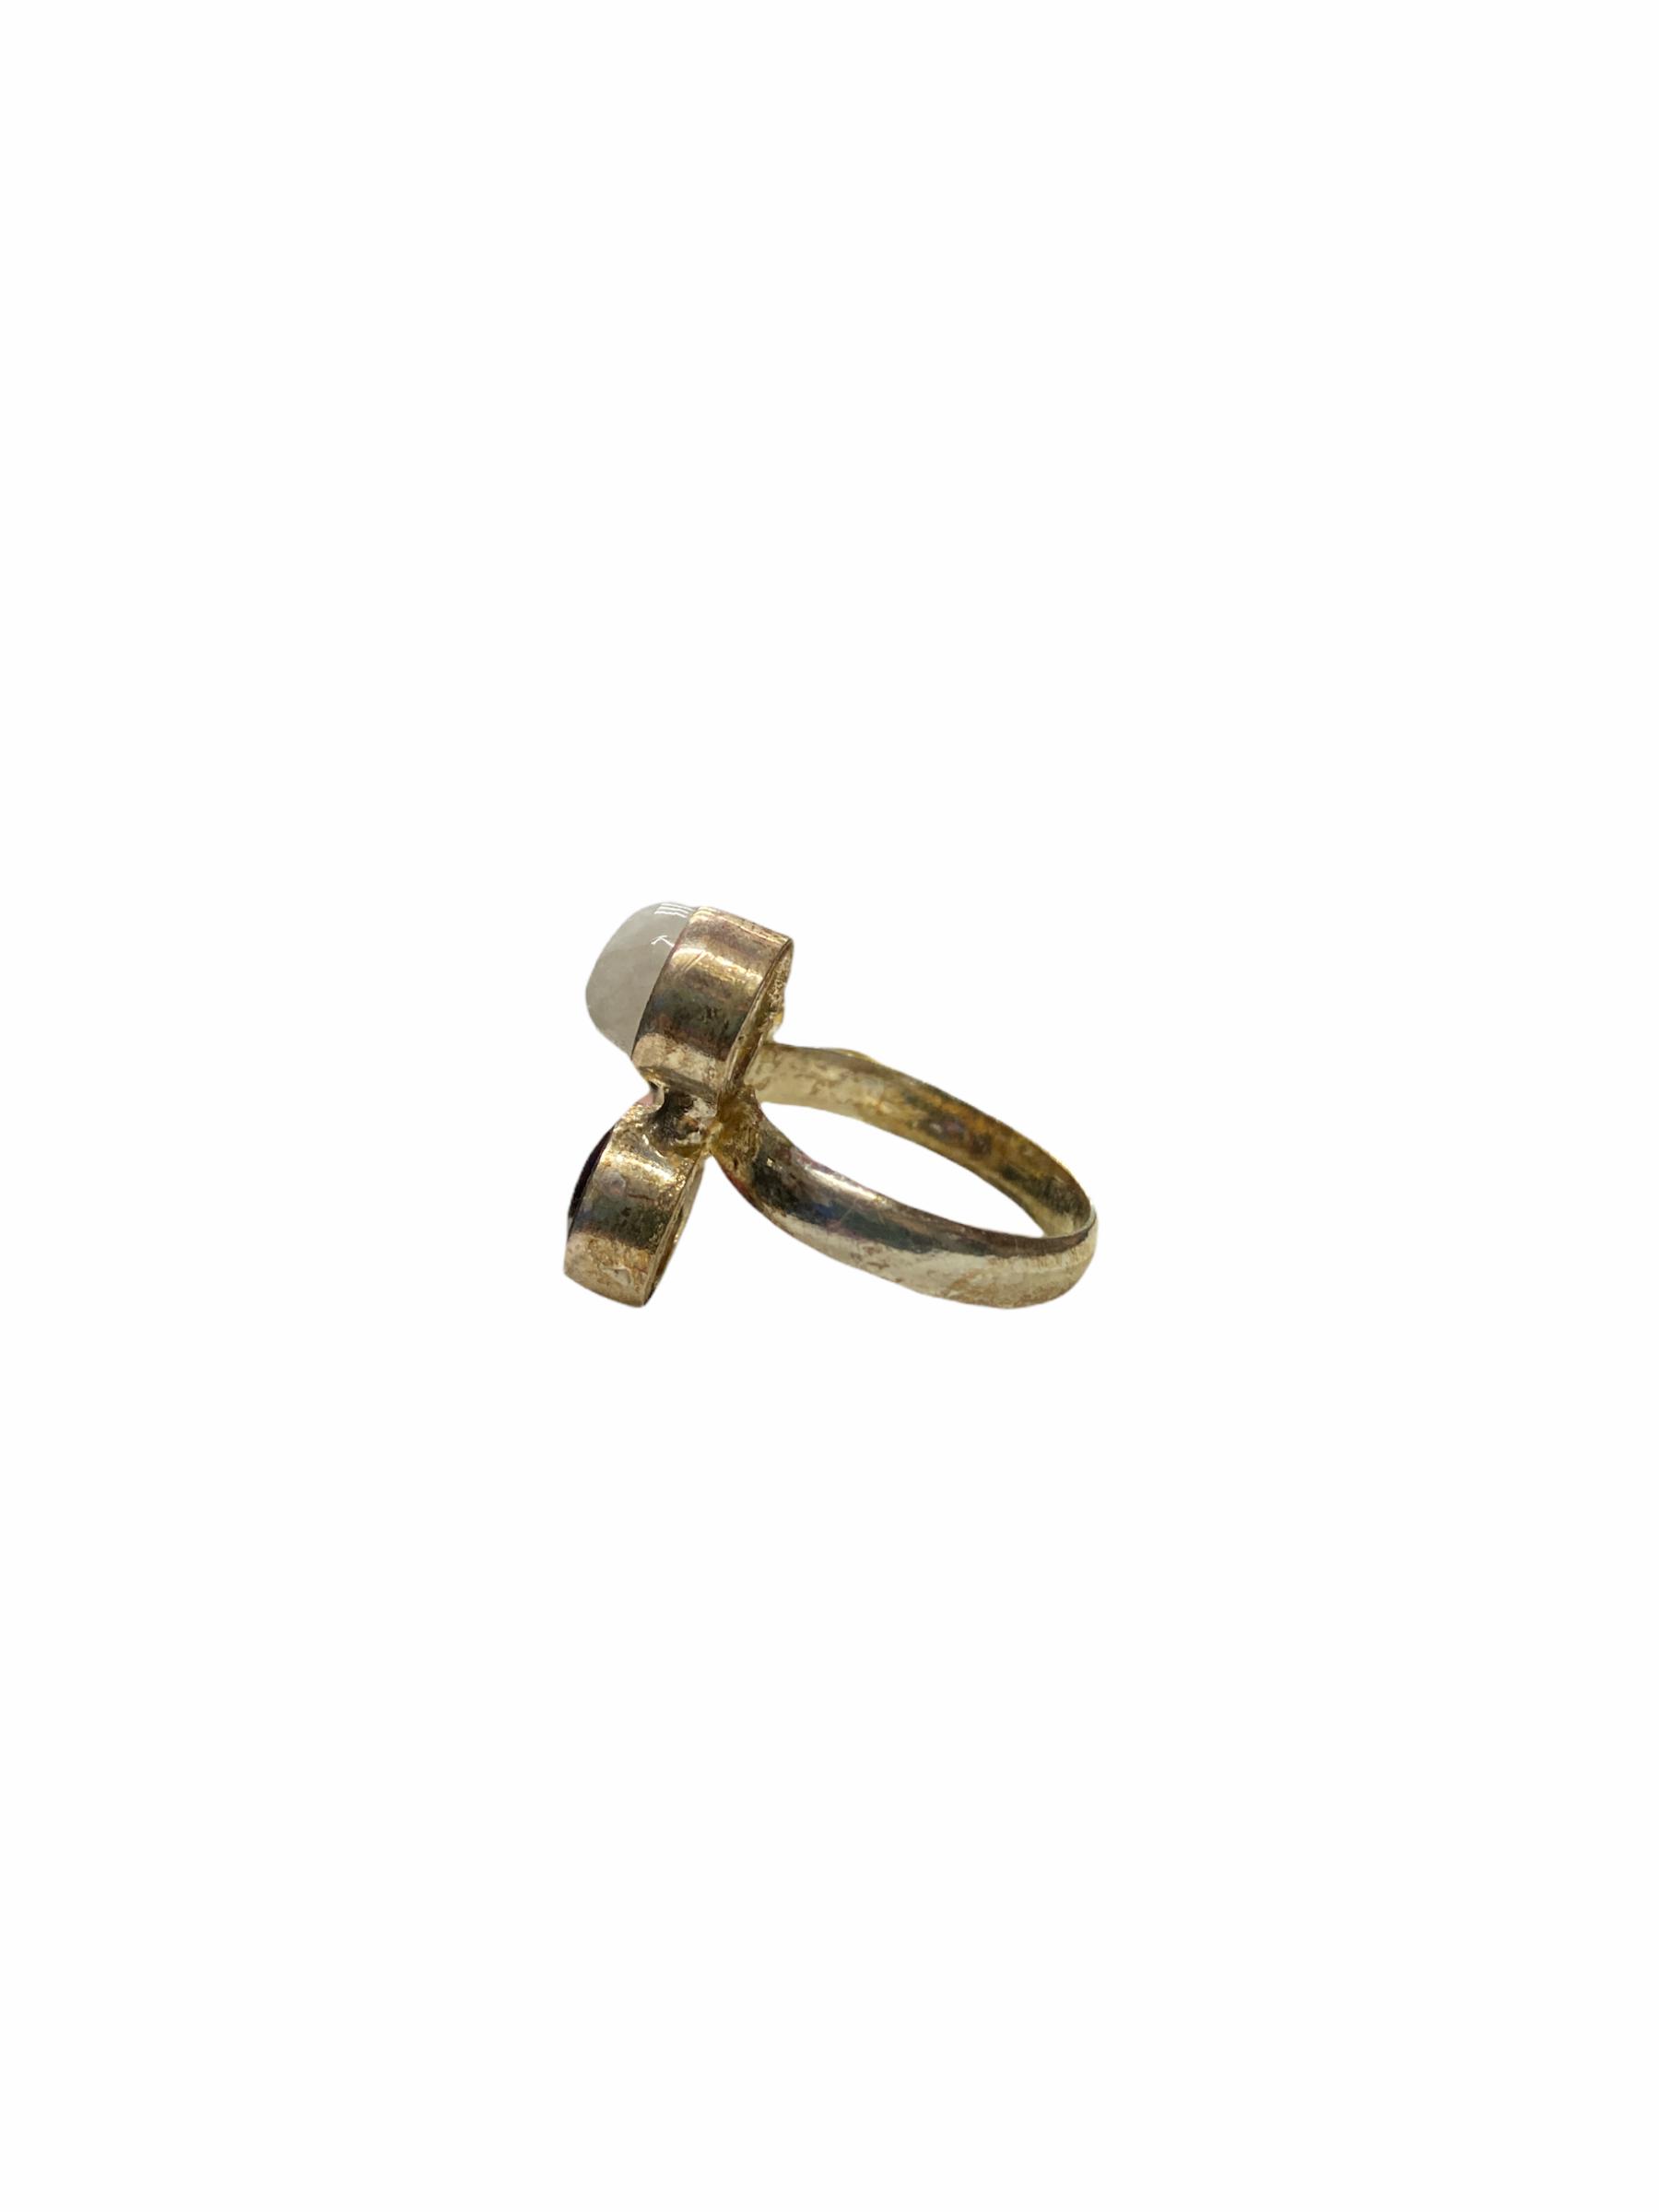 Δαχτυλίδι Χειροποίητο Με Κρύσταλλο-Όνυχα-Χαλαζία Σε Χρώμα Ασημί